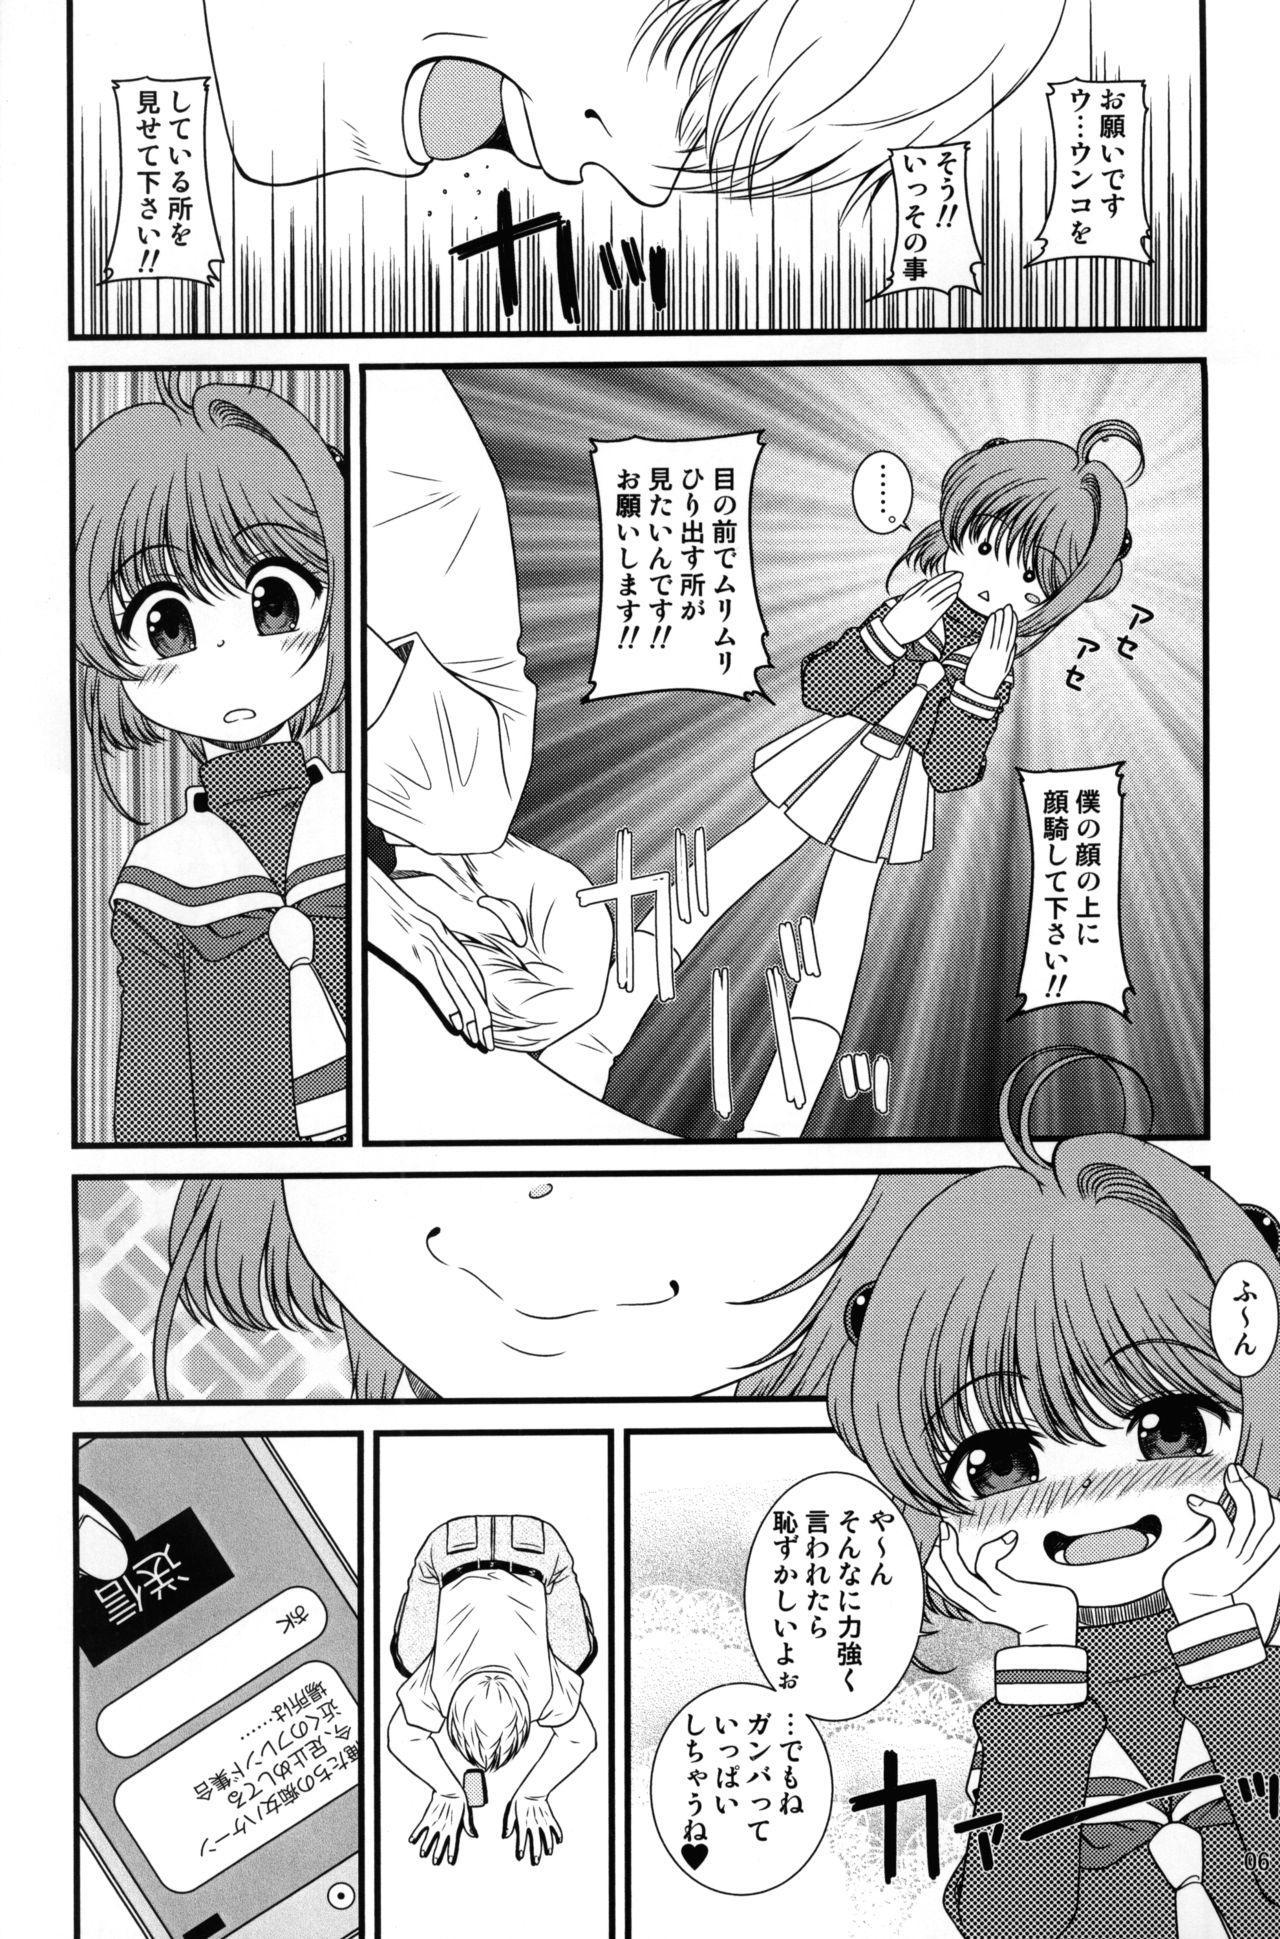 Sayama to Tsuruta wa Fiction o Daite Nemure 4